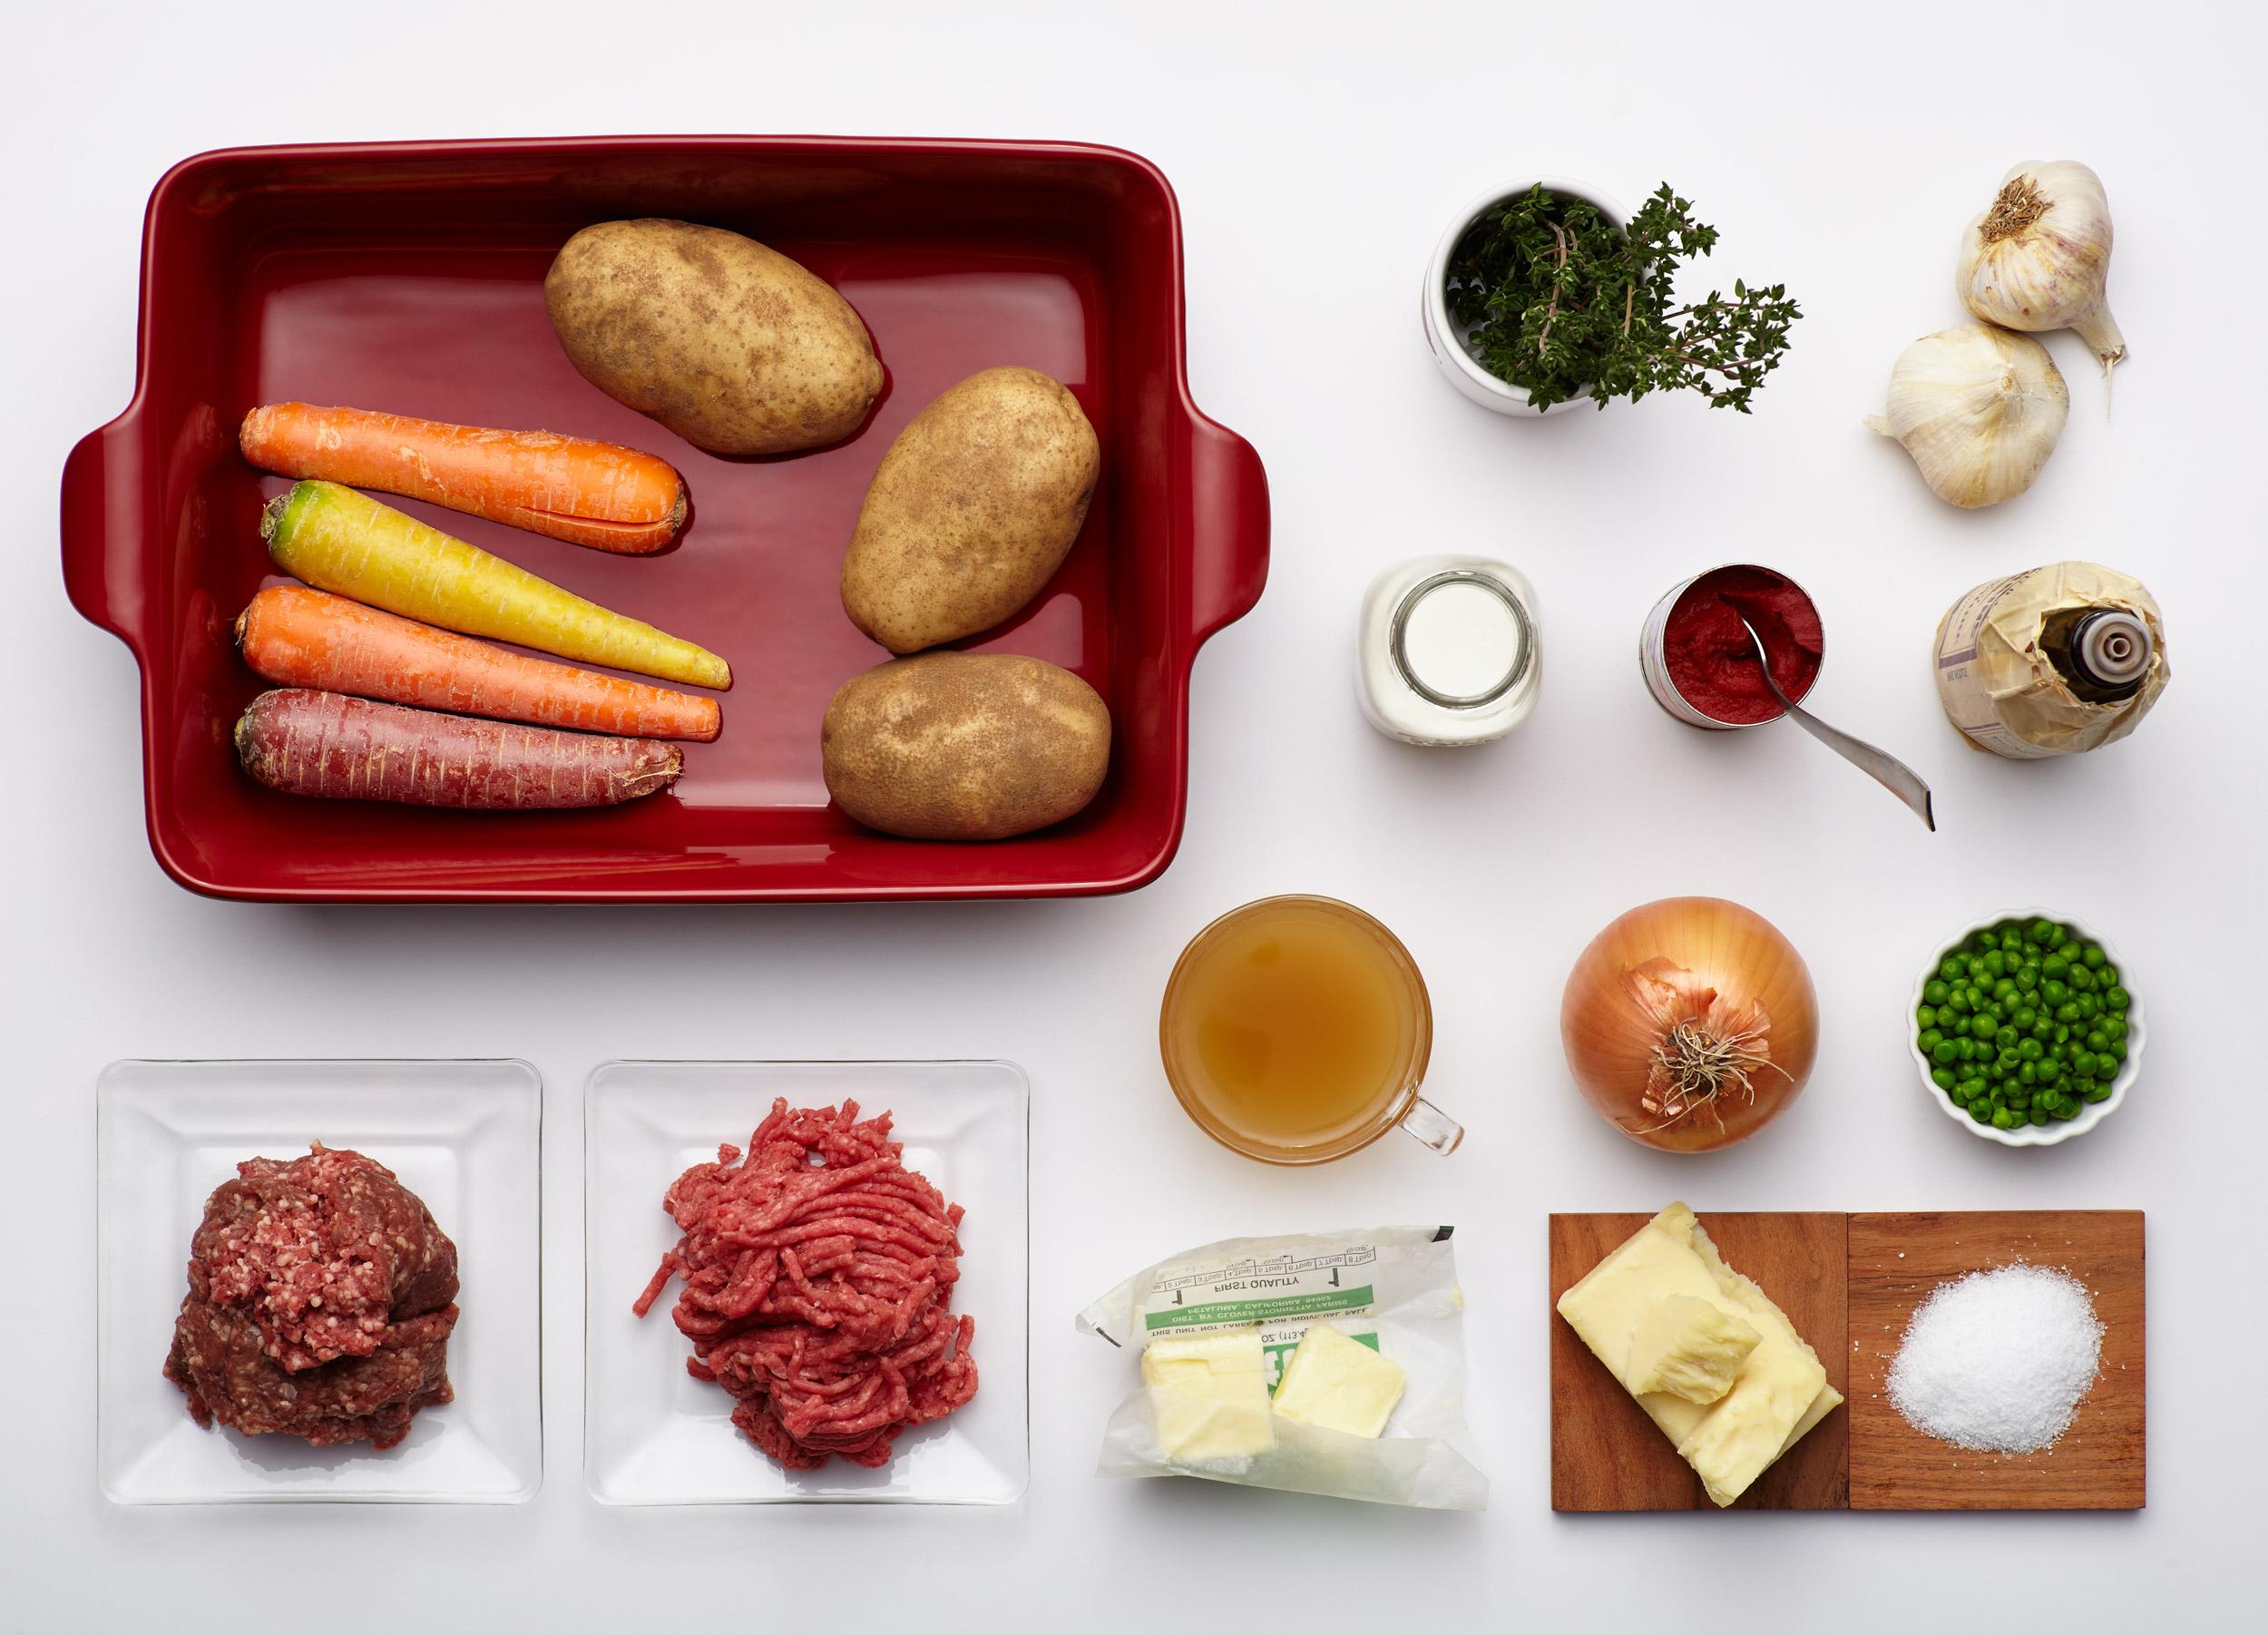 ANO_4360_Elemental_Eats_Shep_Pie_Ingredients.jpg